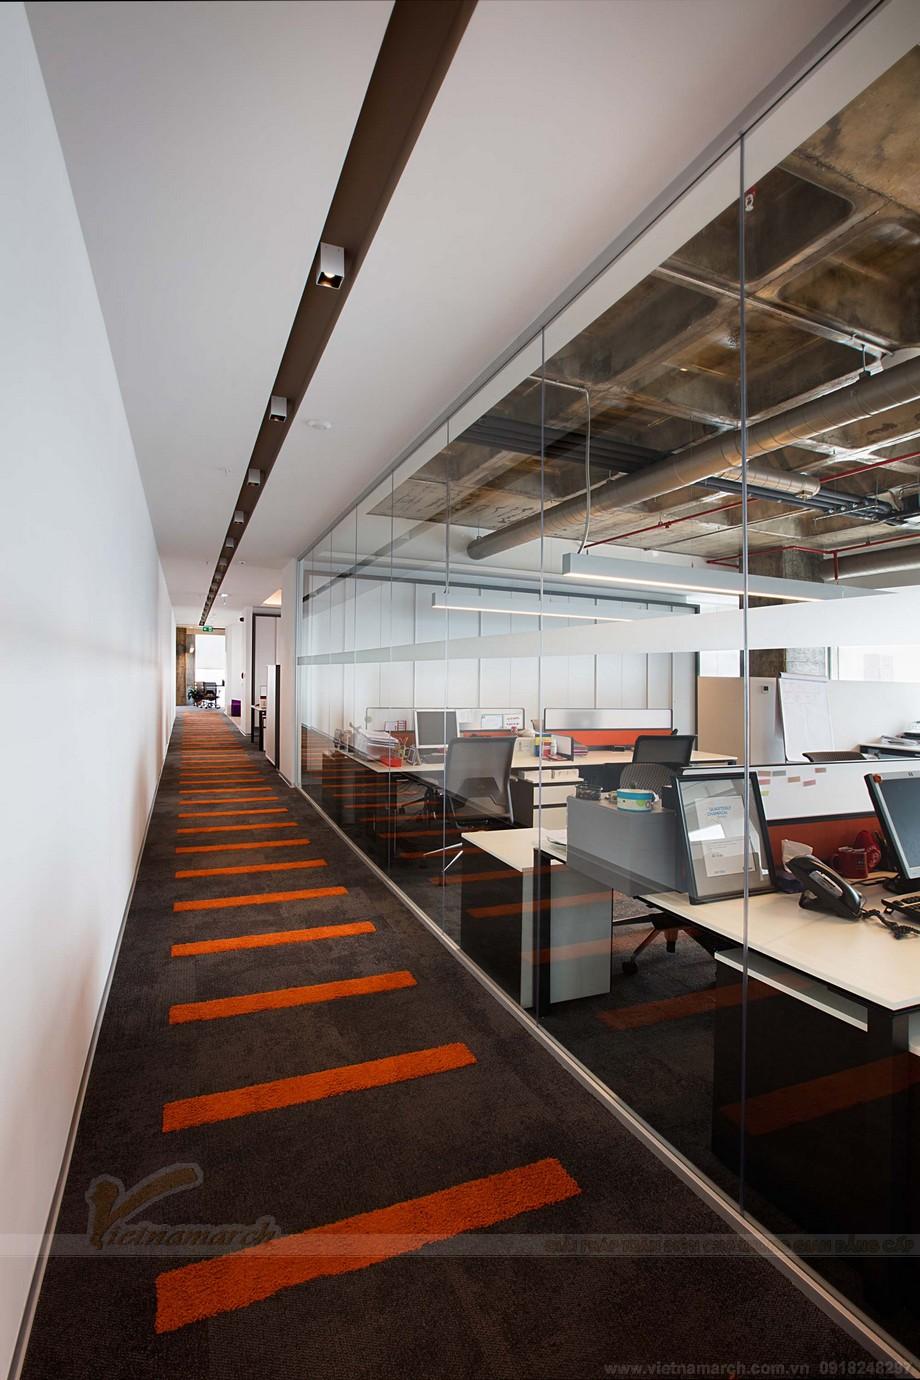 Thiết kế nội thất văn phòng coworking space khu vực hành lang